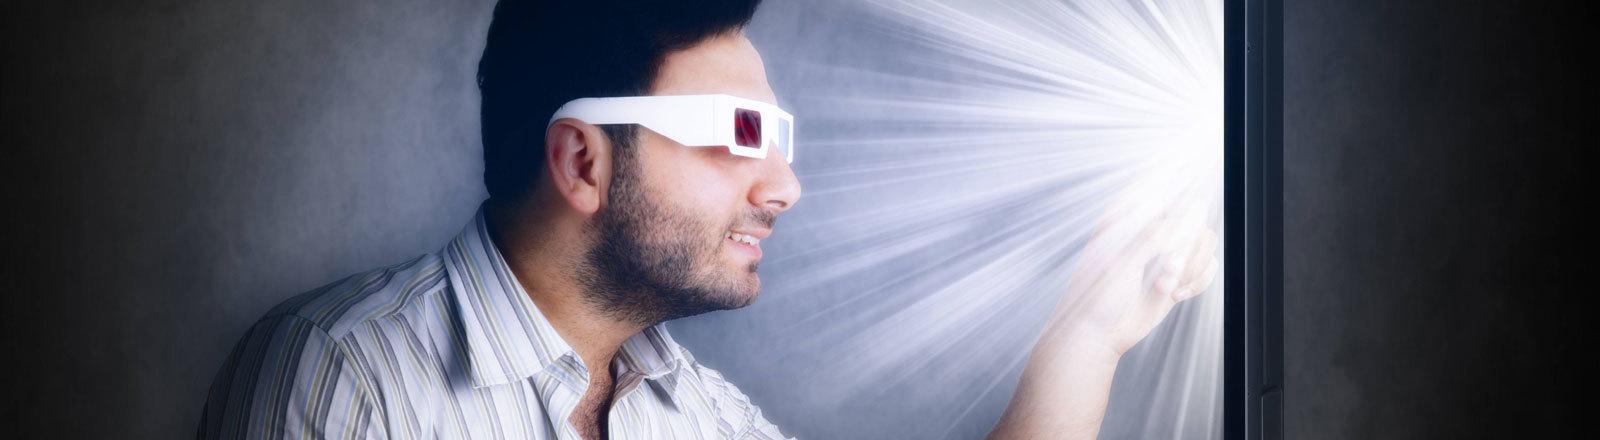 Mann mit 3D-Brille berührt Bildschirm